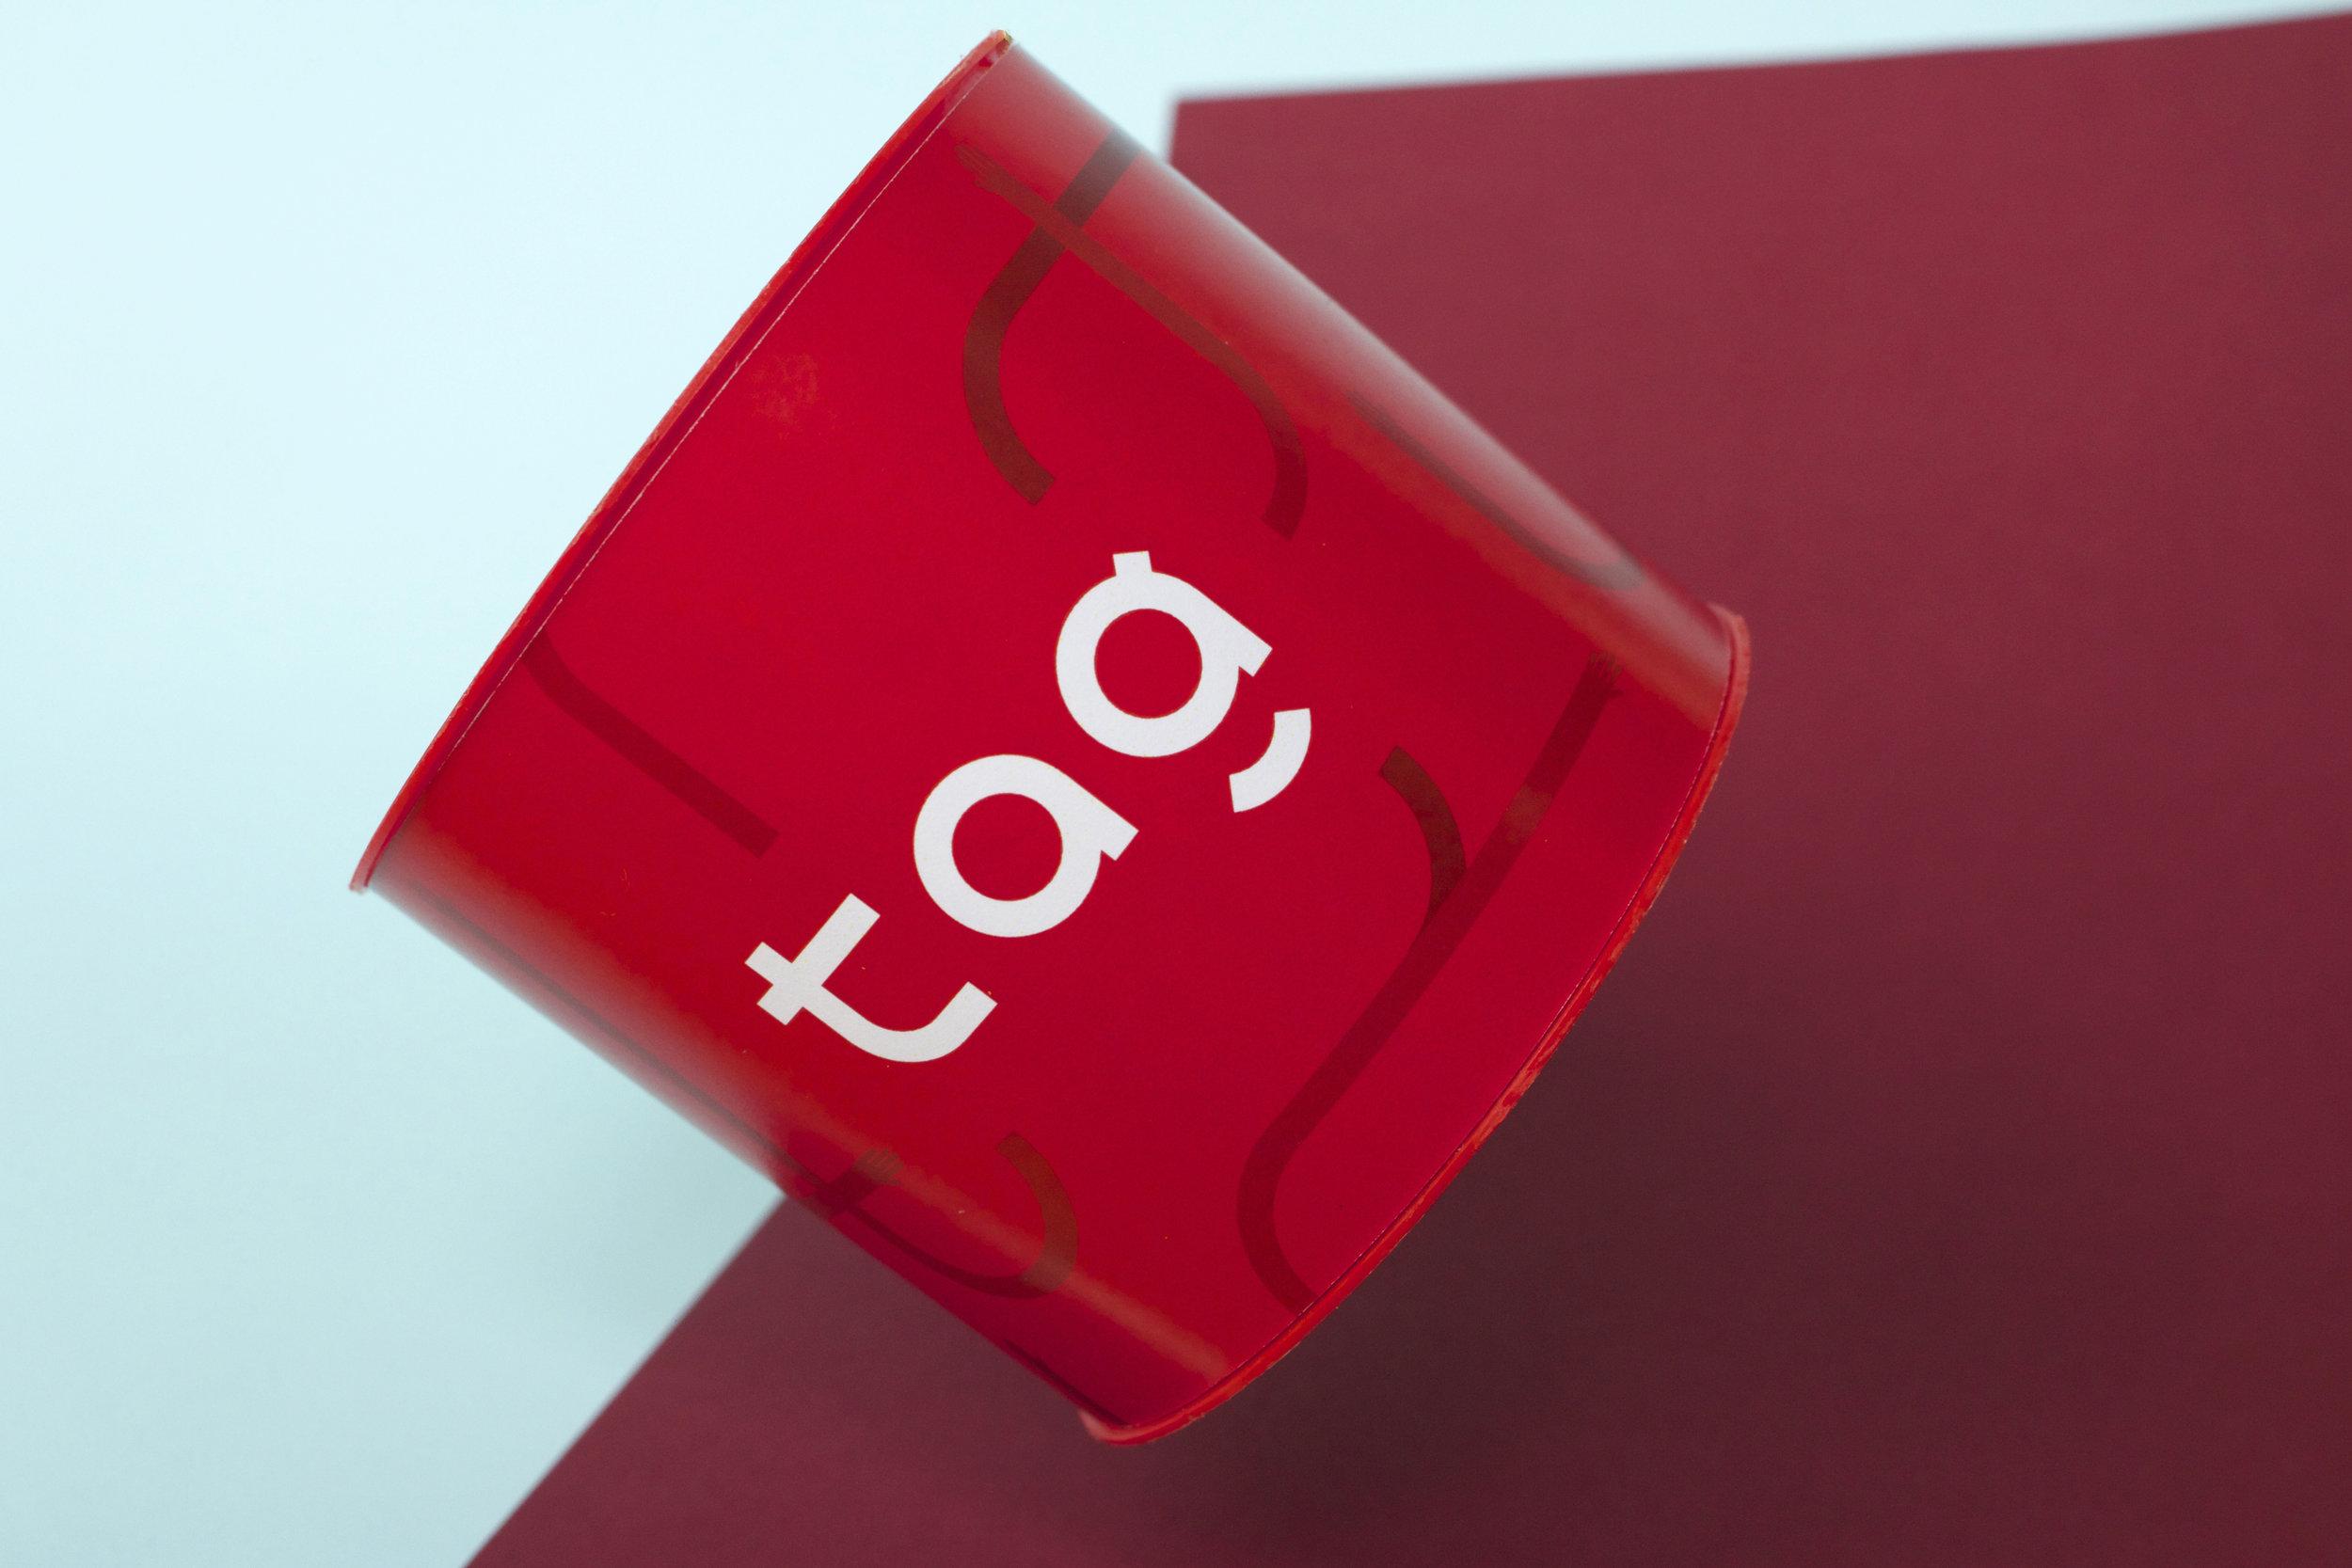 tag_red_packaging.jpg